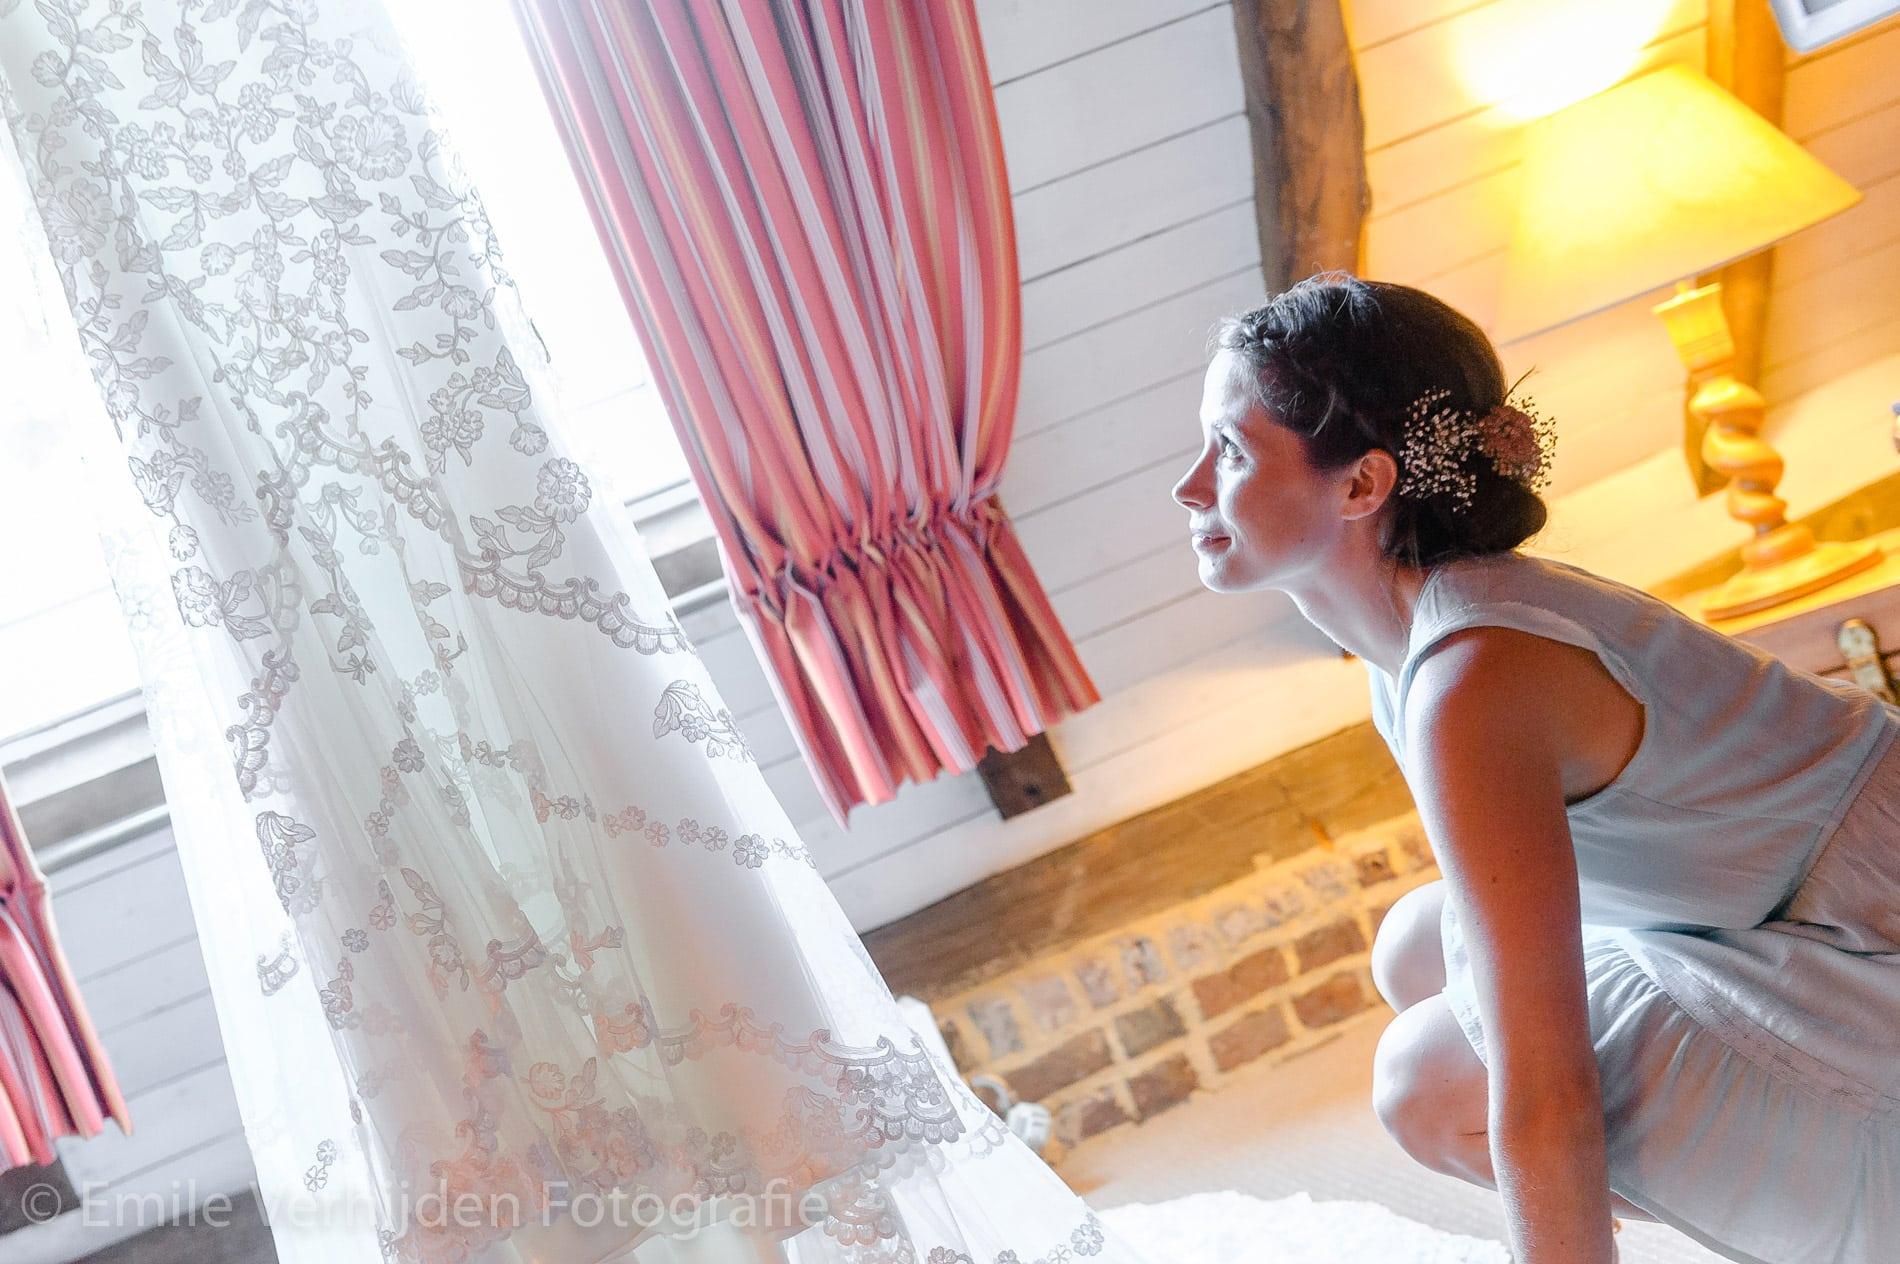 De bruid kijkt naar de jurk bij Winselerhof Landgraaf. Bruidsfotografie Winselerhof Landgraaf - Kerkrade